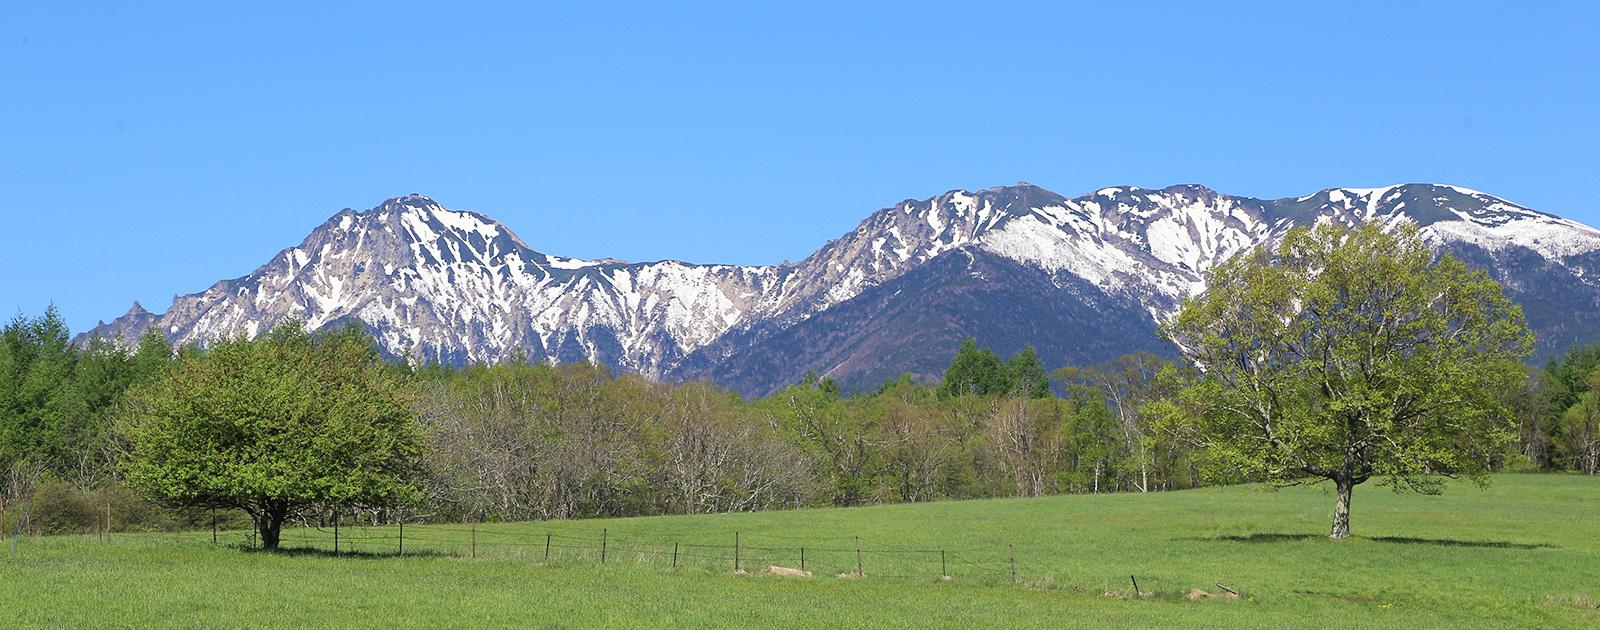 八ヶ岳と周辺環境